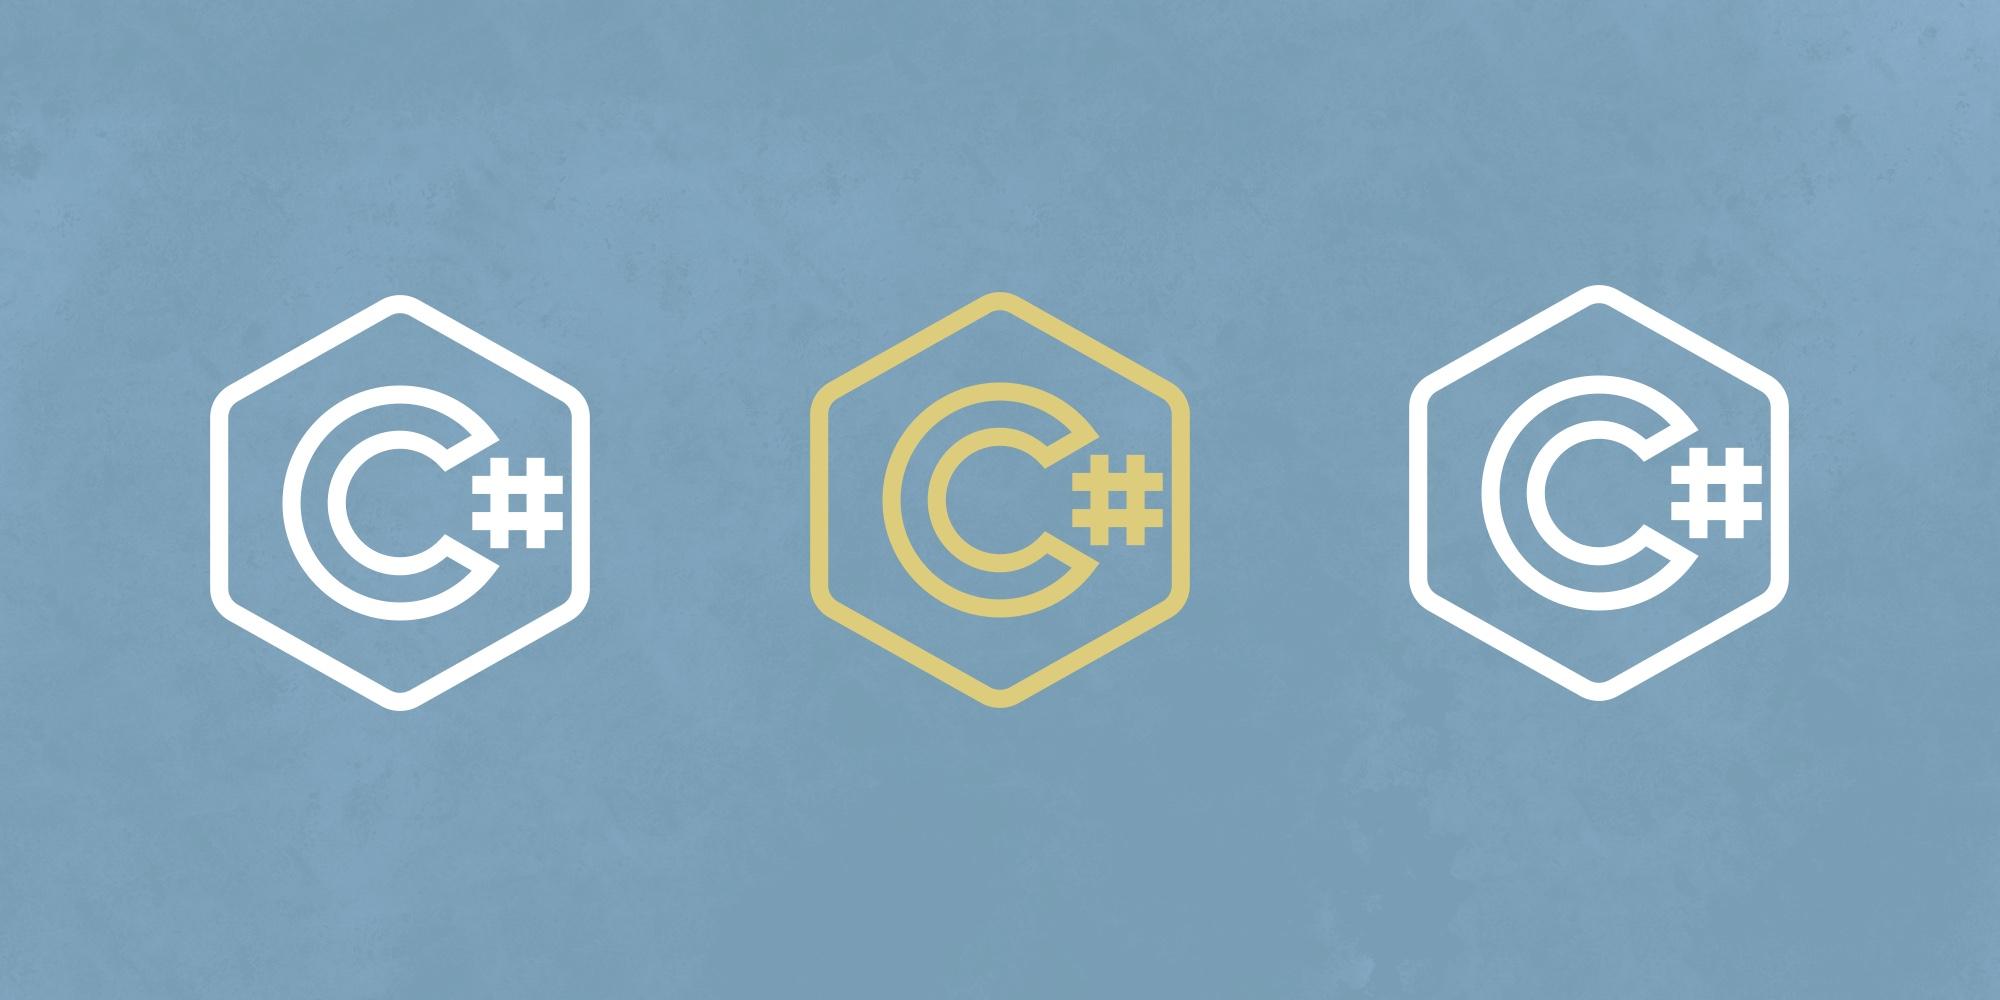 👨🎓️ Есть ли смысл изучать C# в 2021 году: карьерные перспективы новичка